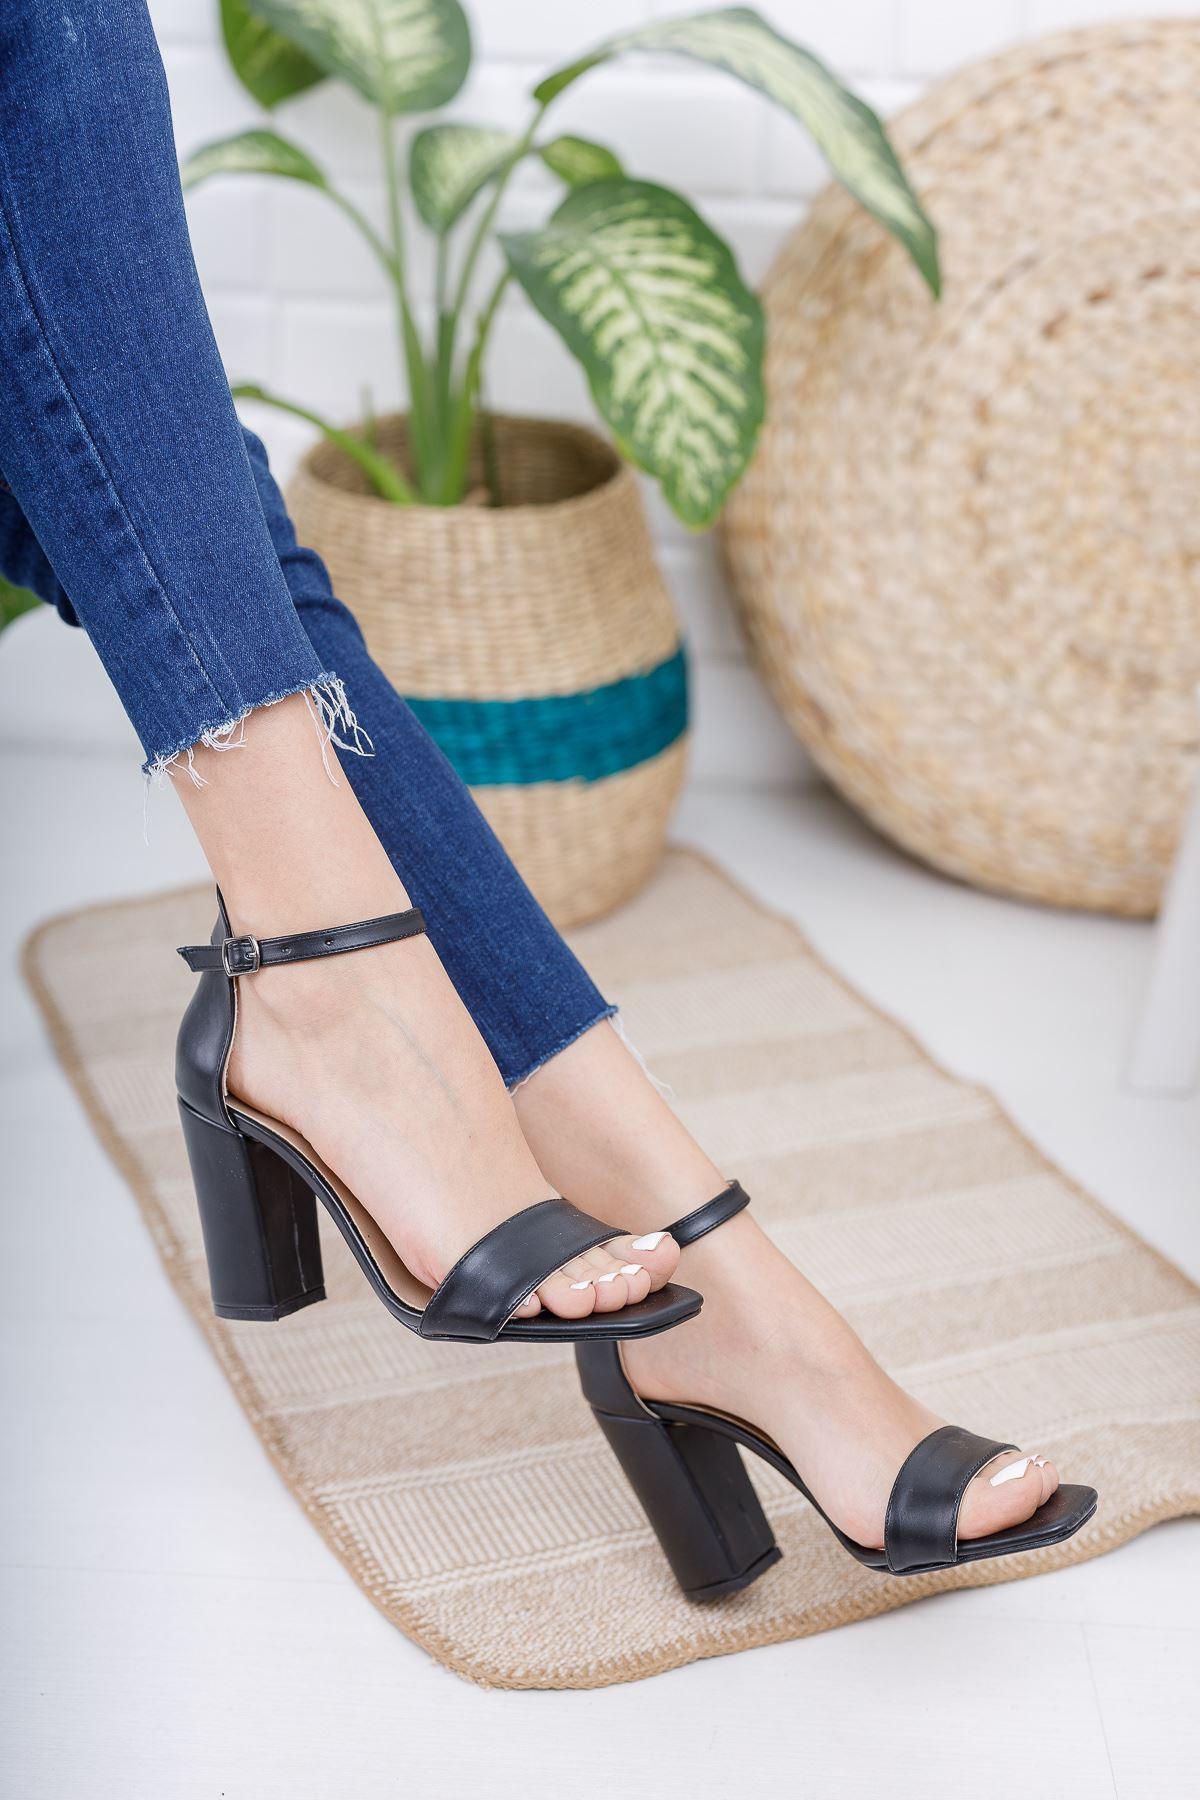 Kadın Tosion Yüksek Topuklu Köşe Burun Mat Deri Siyah Tek Bant Ayakkabı